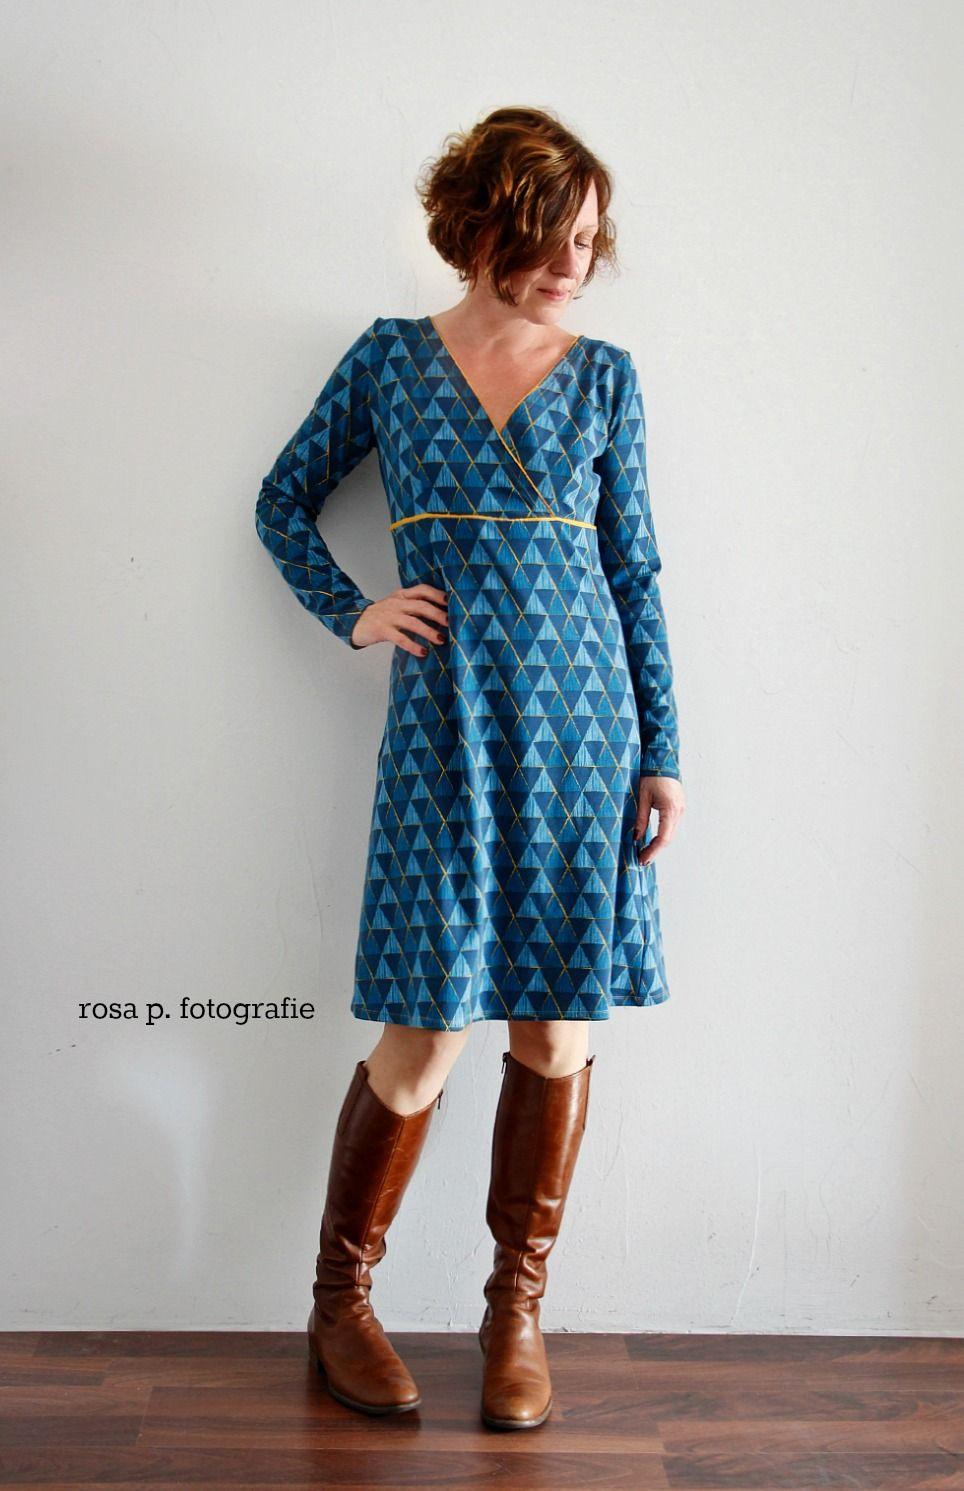 10 Leicht Kleid Blau Gelb Stylish13 Luxurius Kleid Blau Gelb Bester Preis